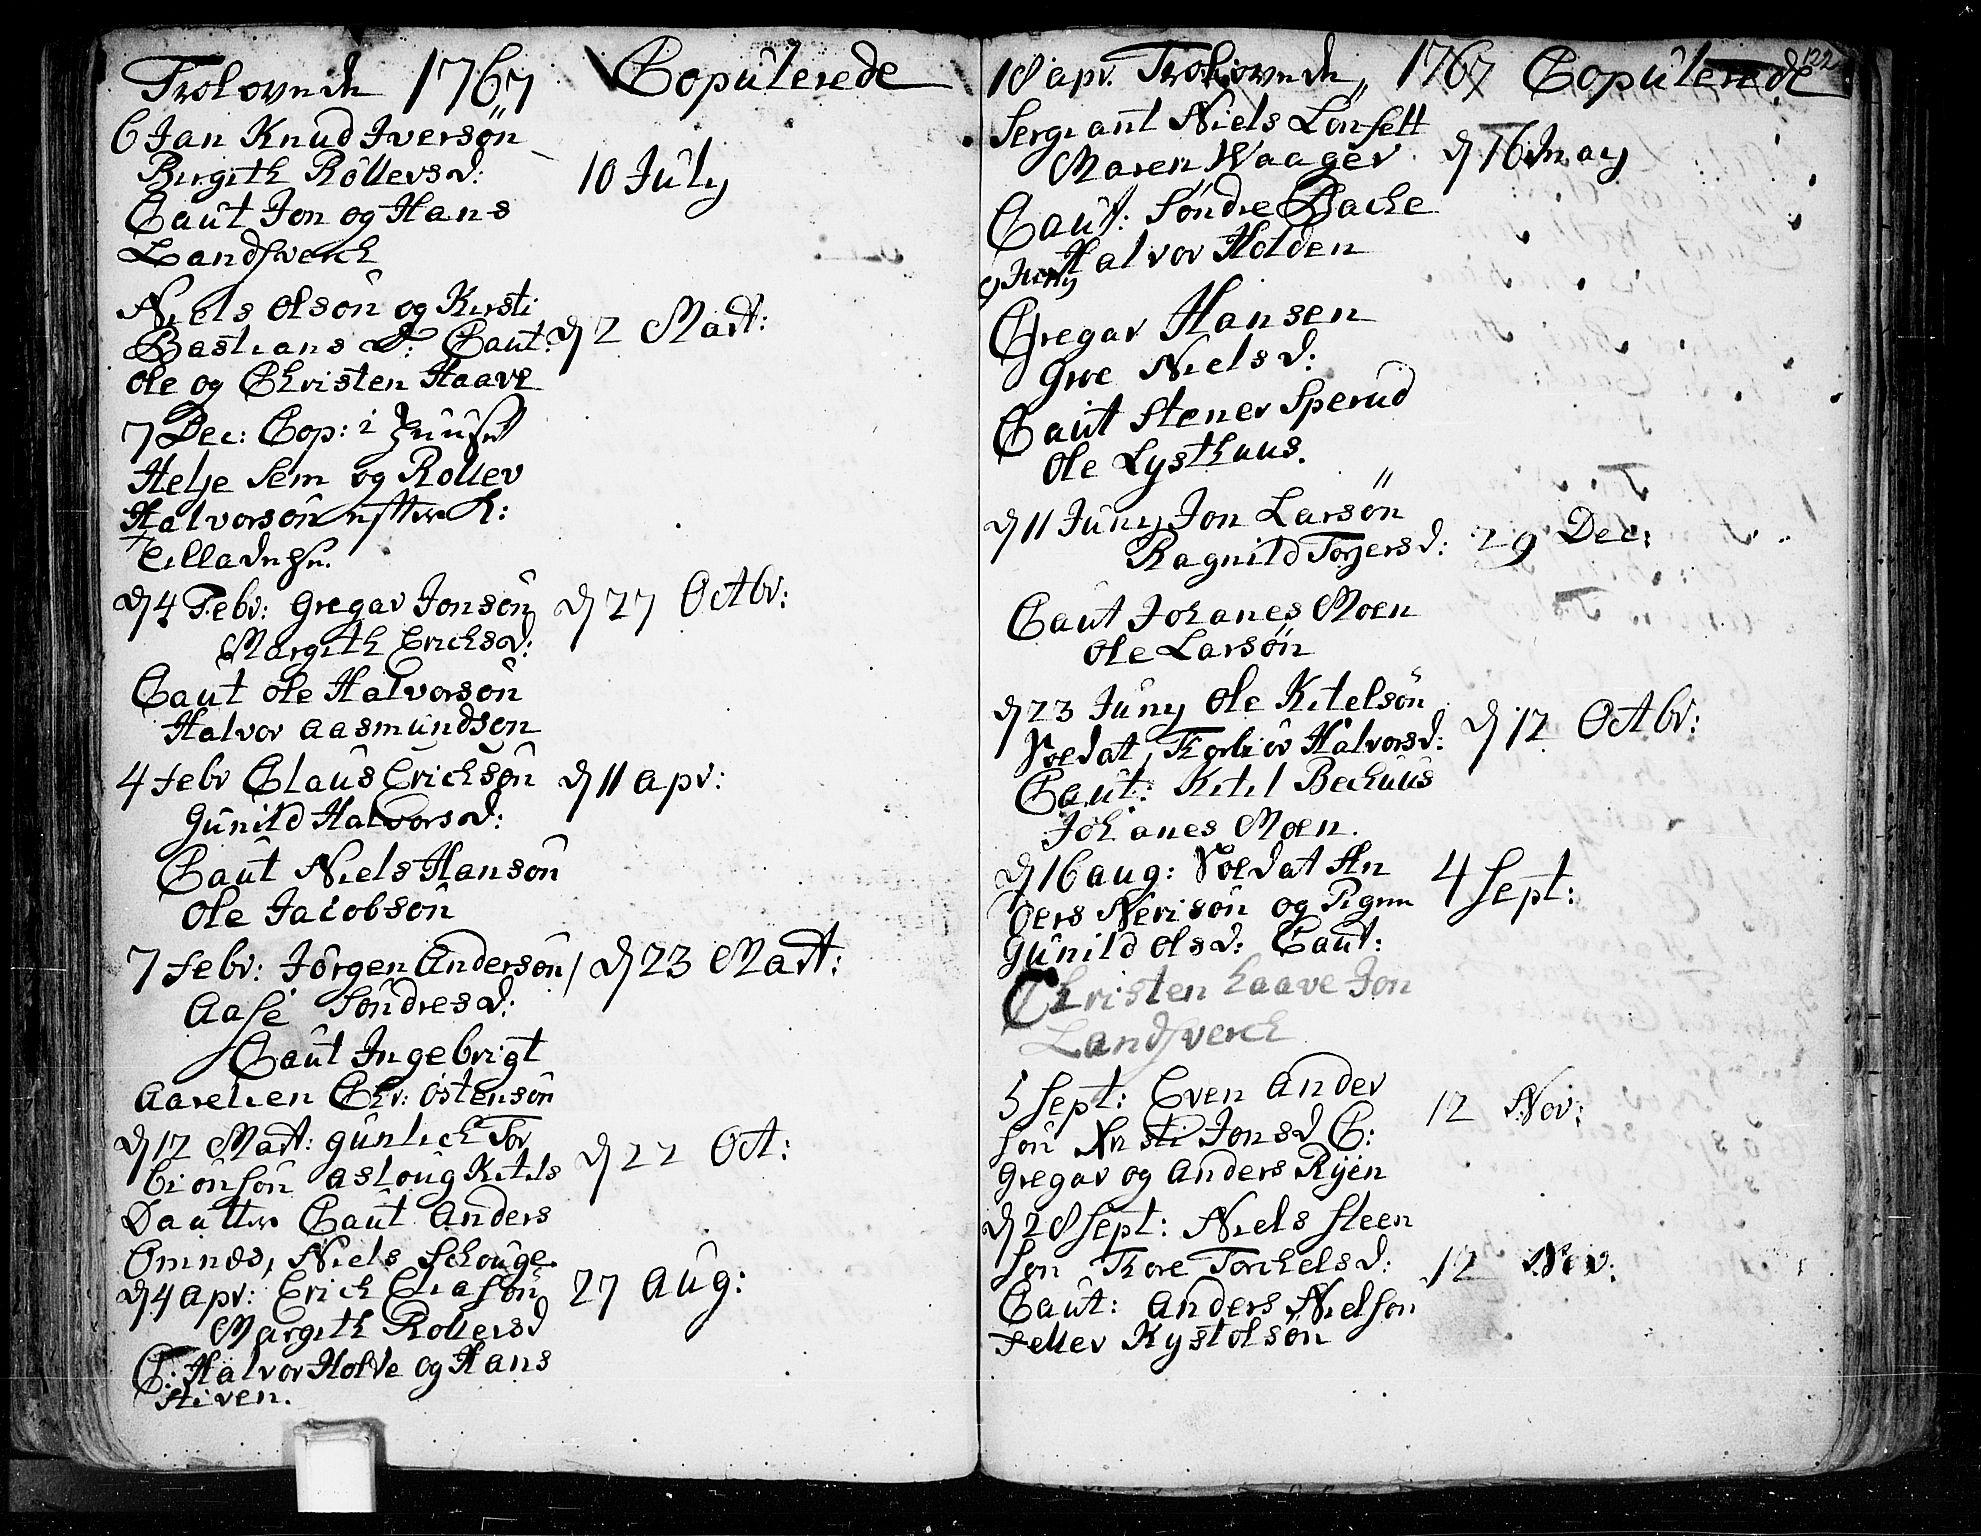 SAKO, Heddal kirkebøker, F/Fa/L0003: Ministerialbok nr. I 3, 1723-1783, s. 122